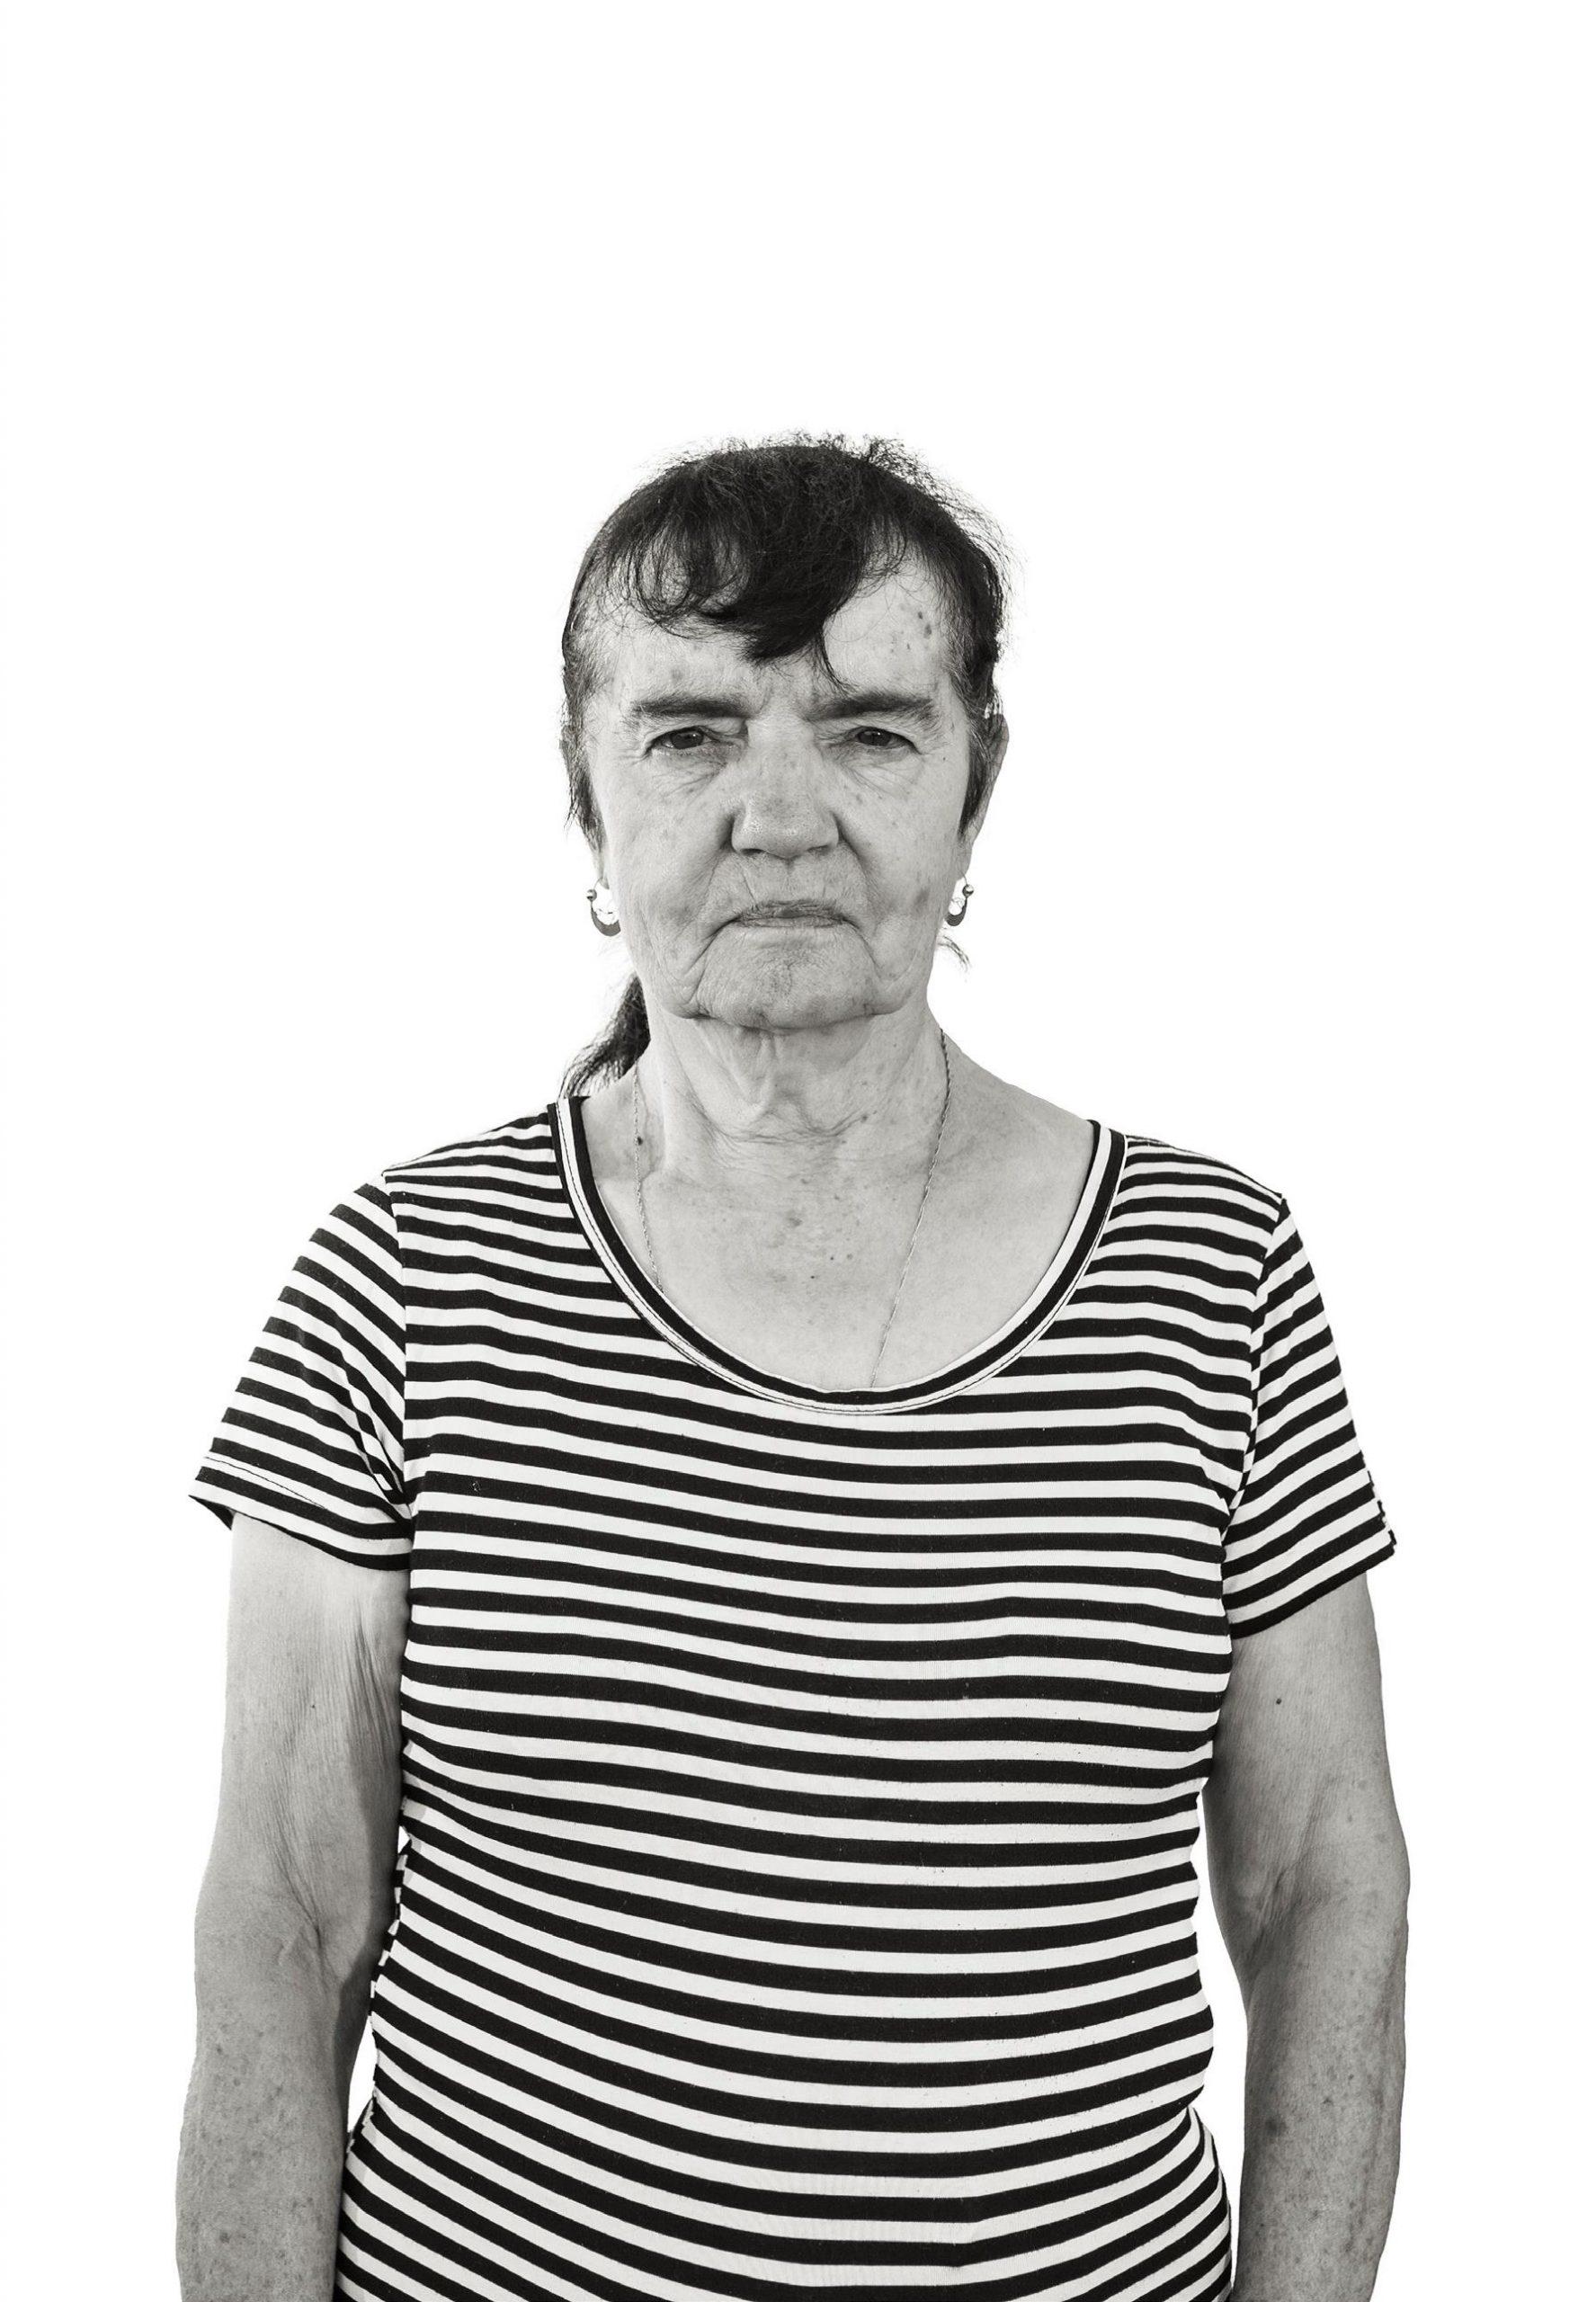 La creadora Sheila Melhem presenta su foto-libro 'Yo, aquí' en Gran Canaria Espacio Digital